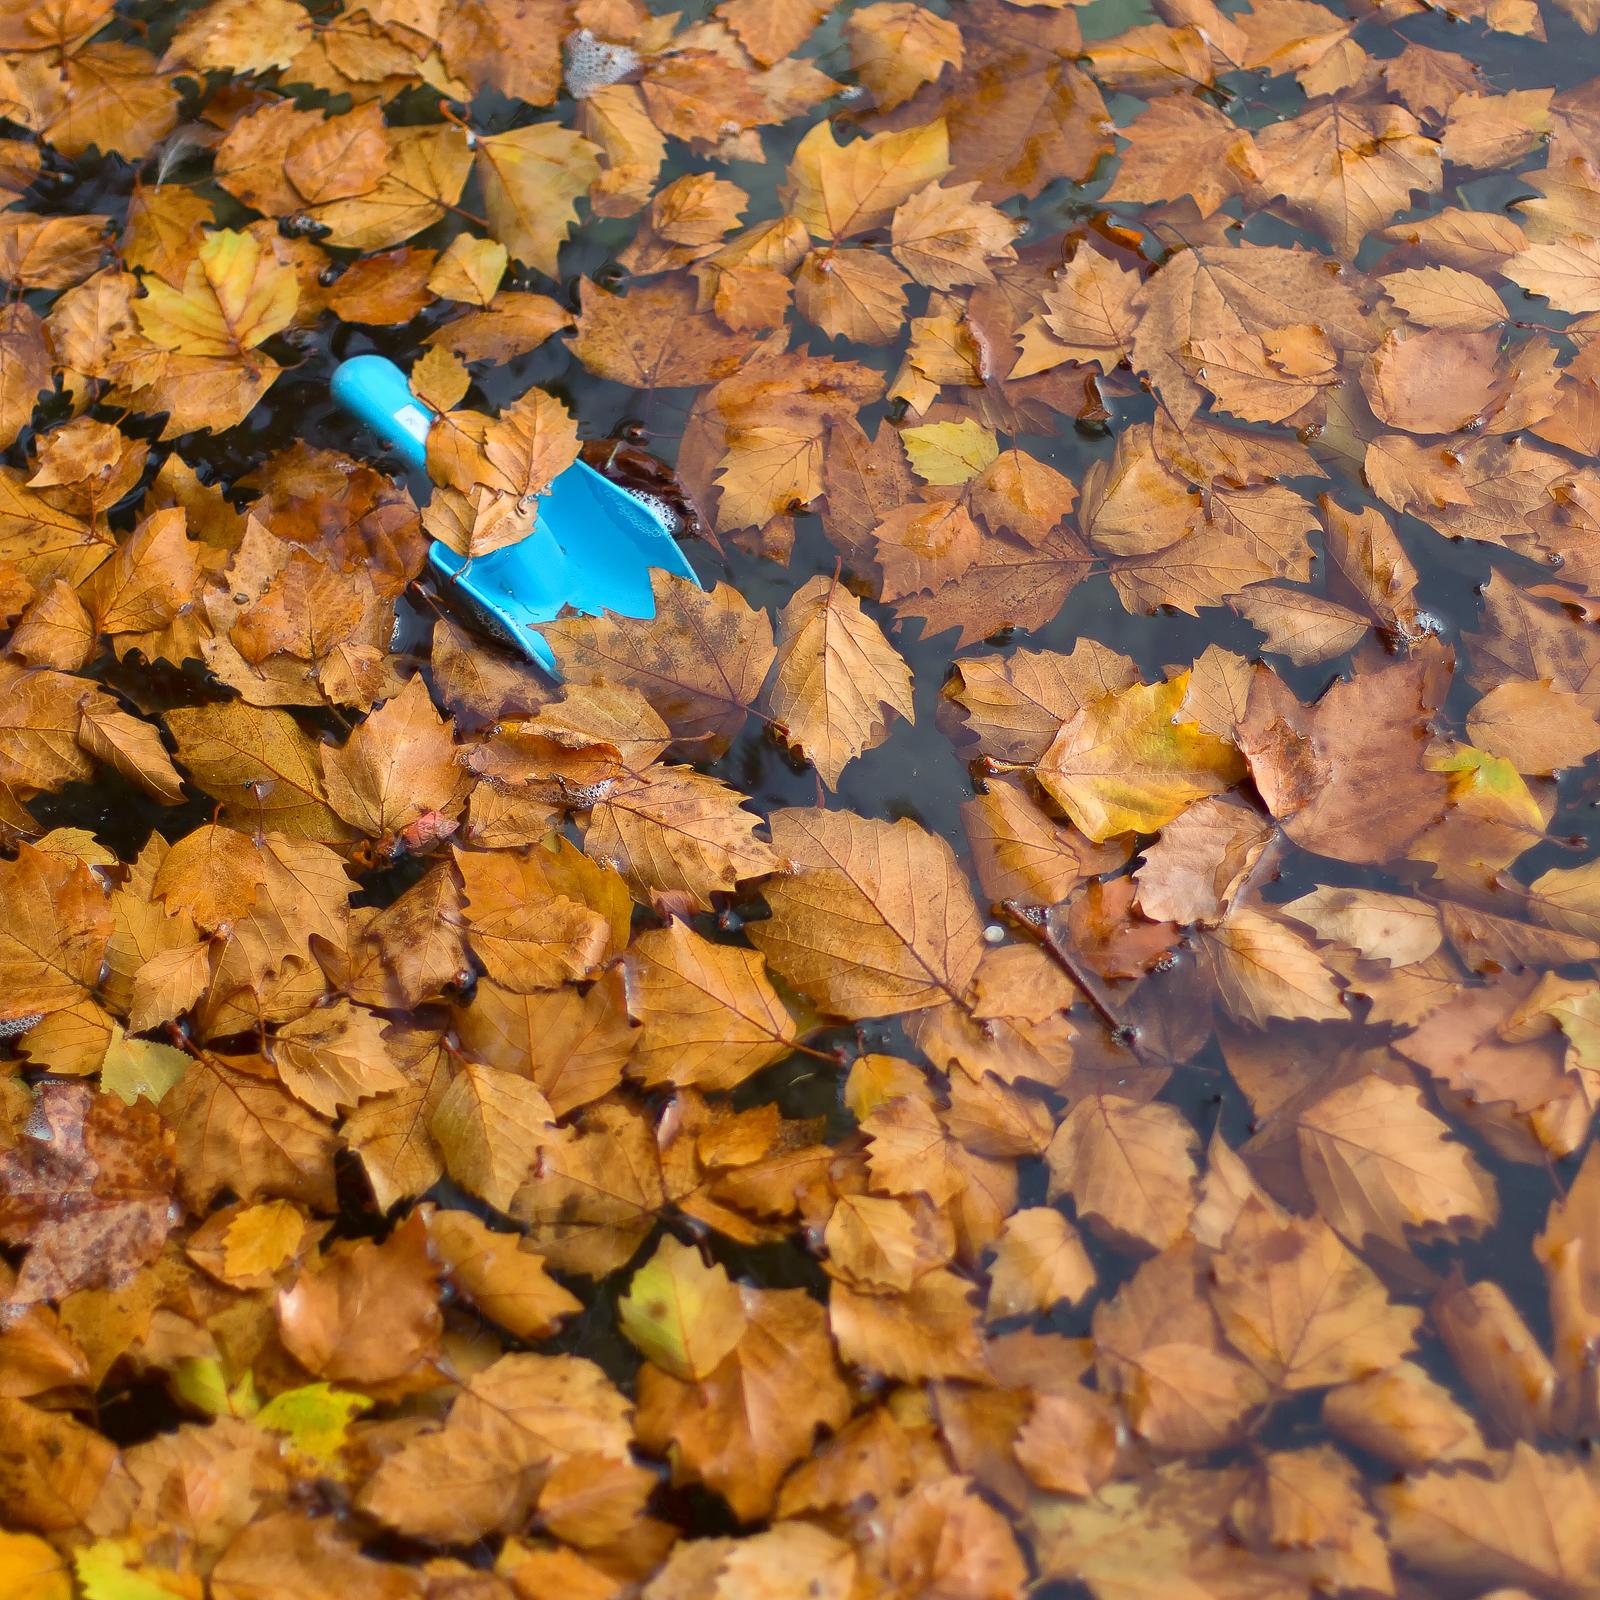 Projet photo 52 - Feuilles mortes et pelle en plastique